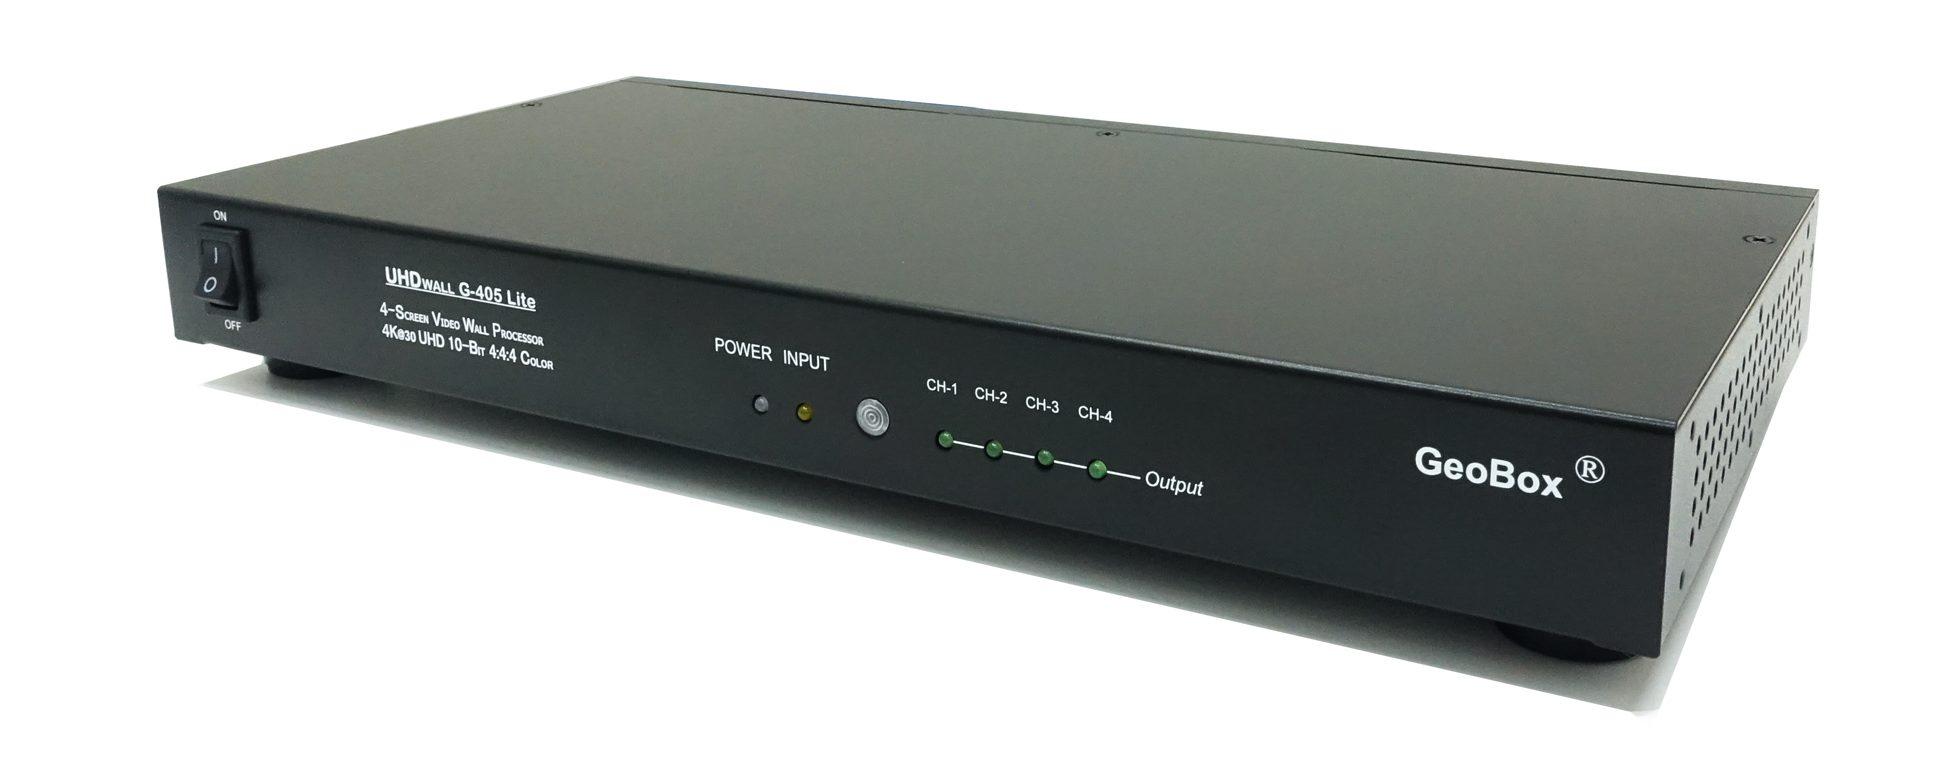 GeoBox G406L